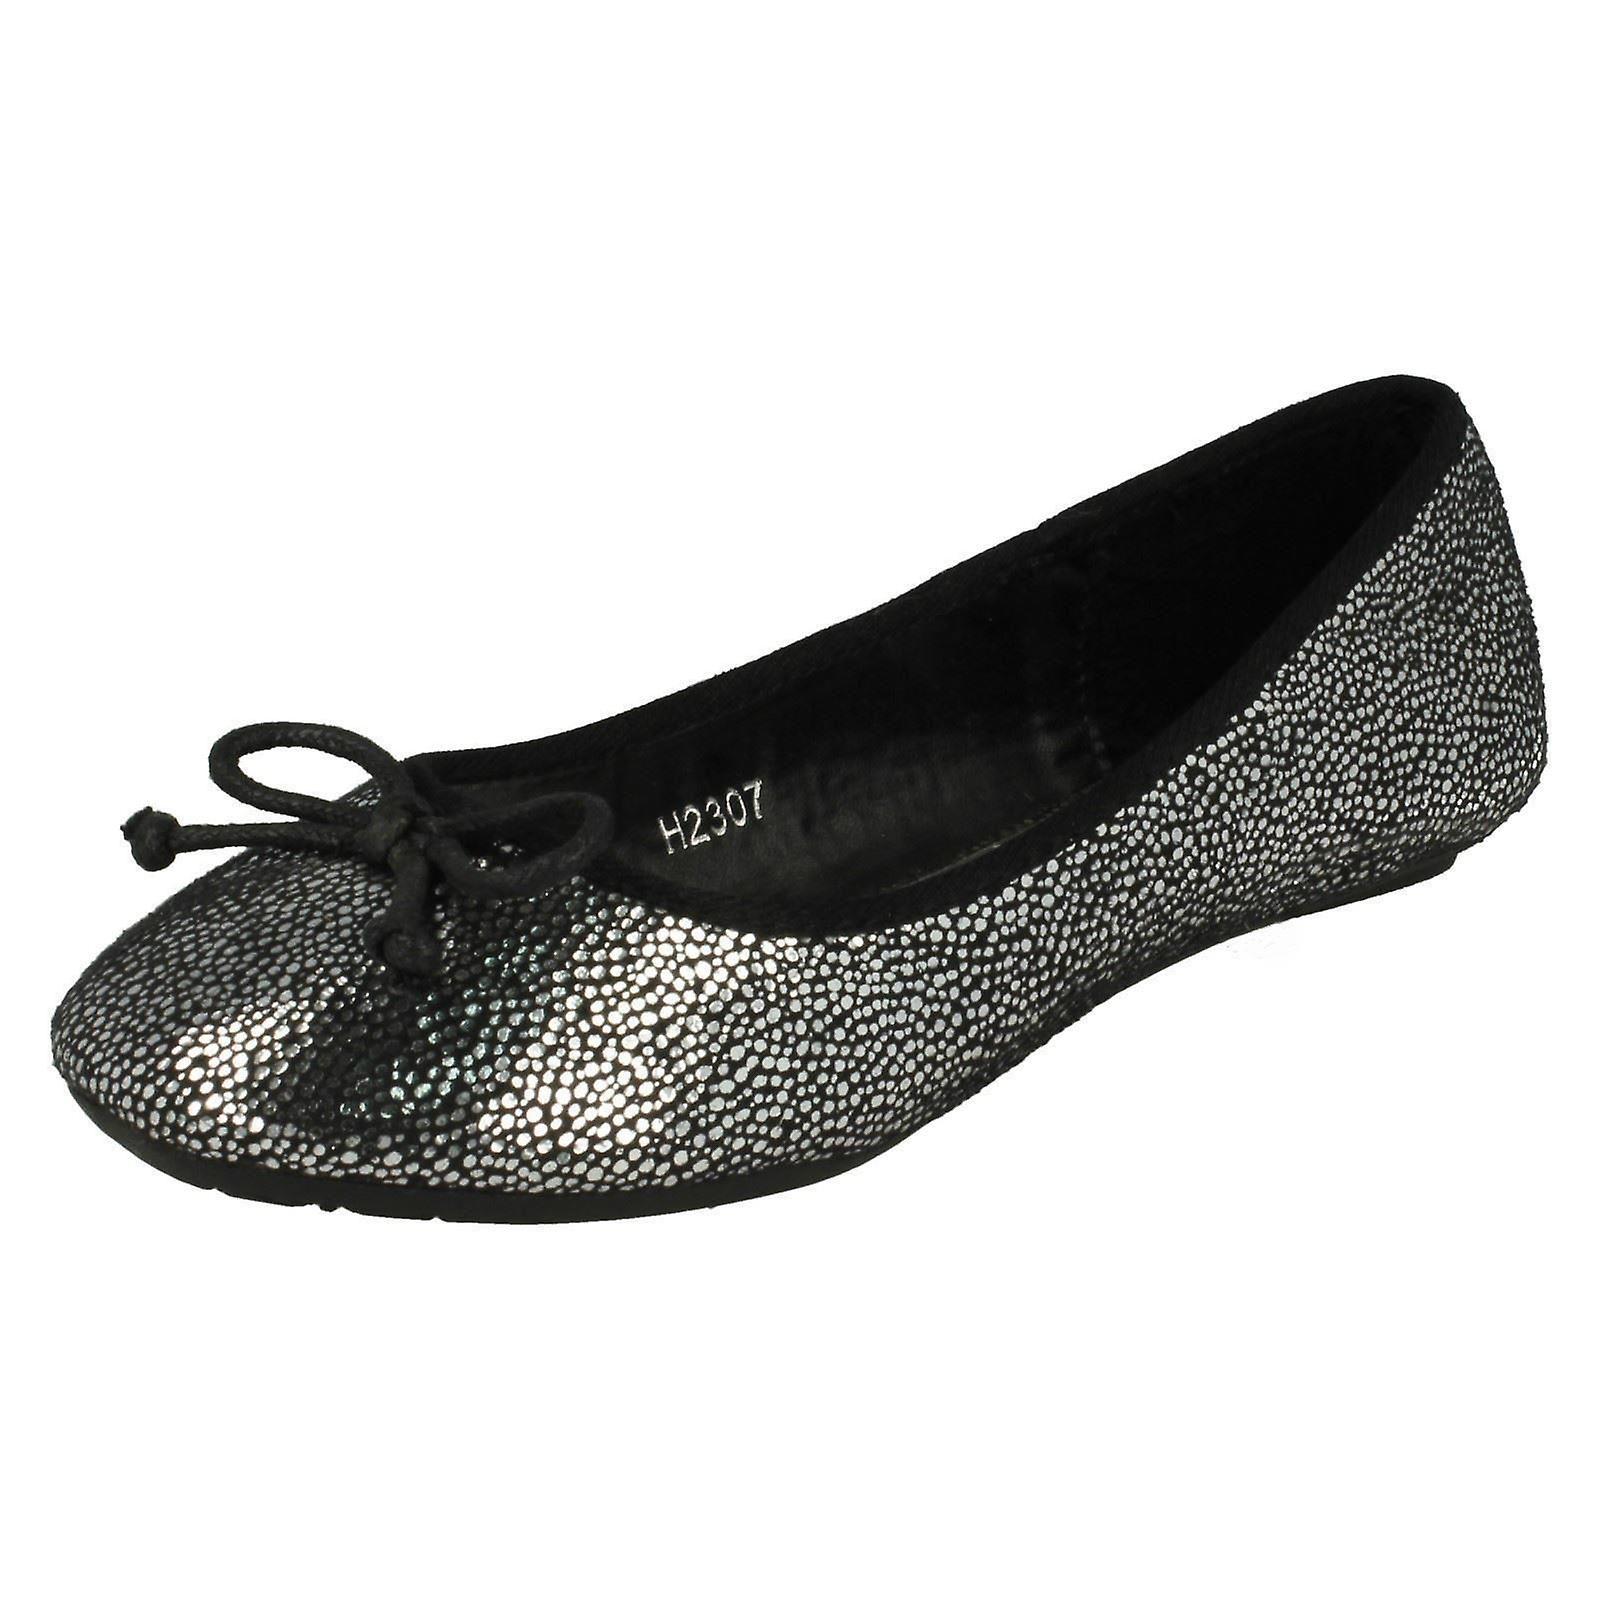 Girls Spot Shoes: On Ballerina Bow Detail Flat Shoes: Spot Attractive Look :Men/Women 7e8227